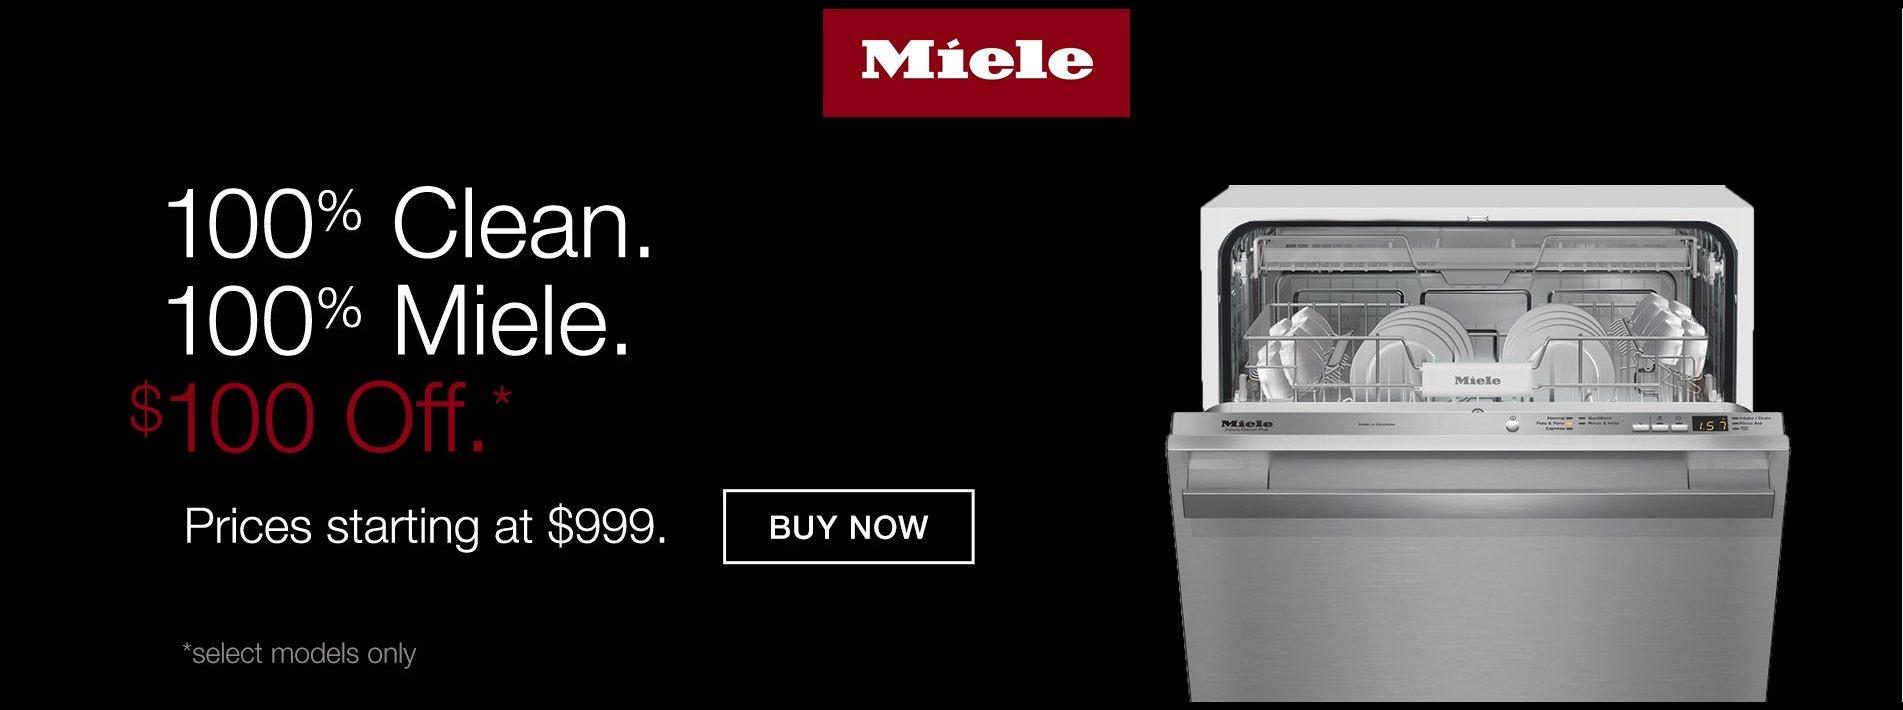 Miele September Dishwasher Promo